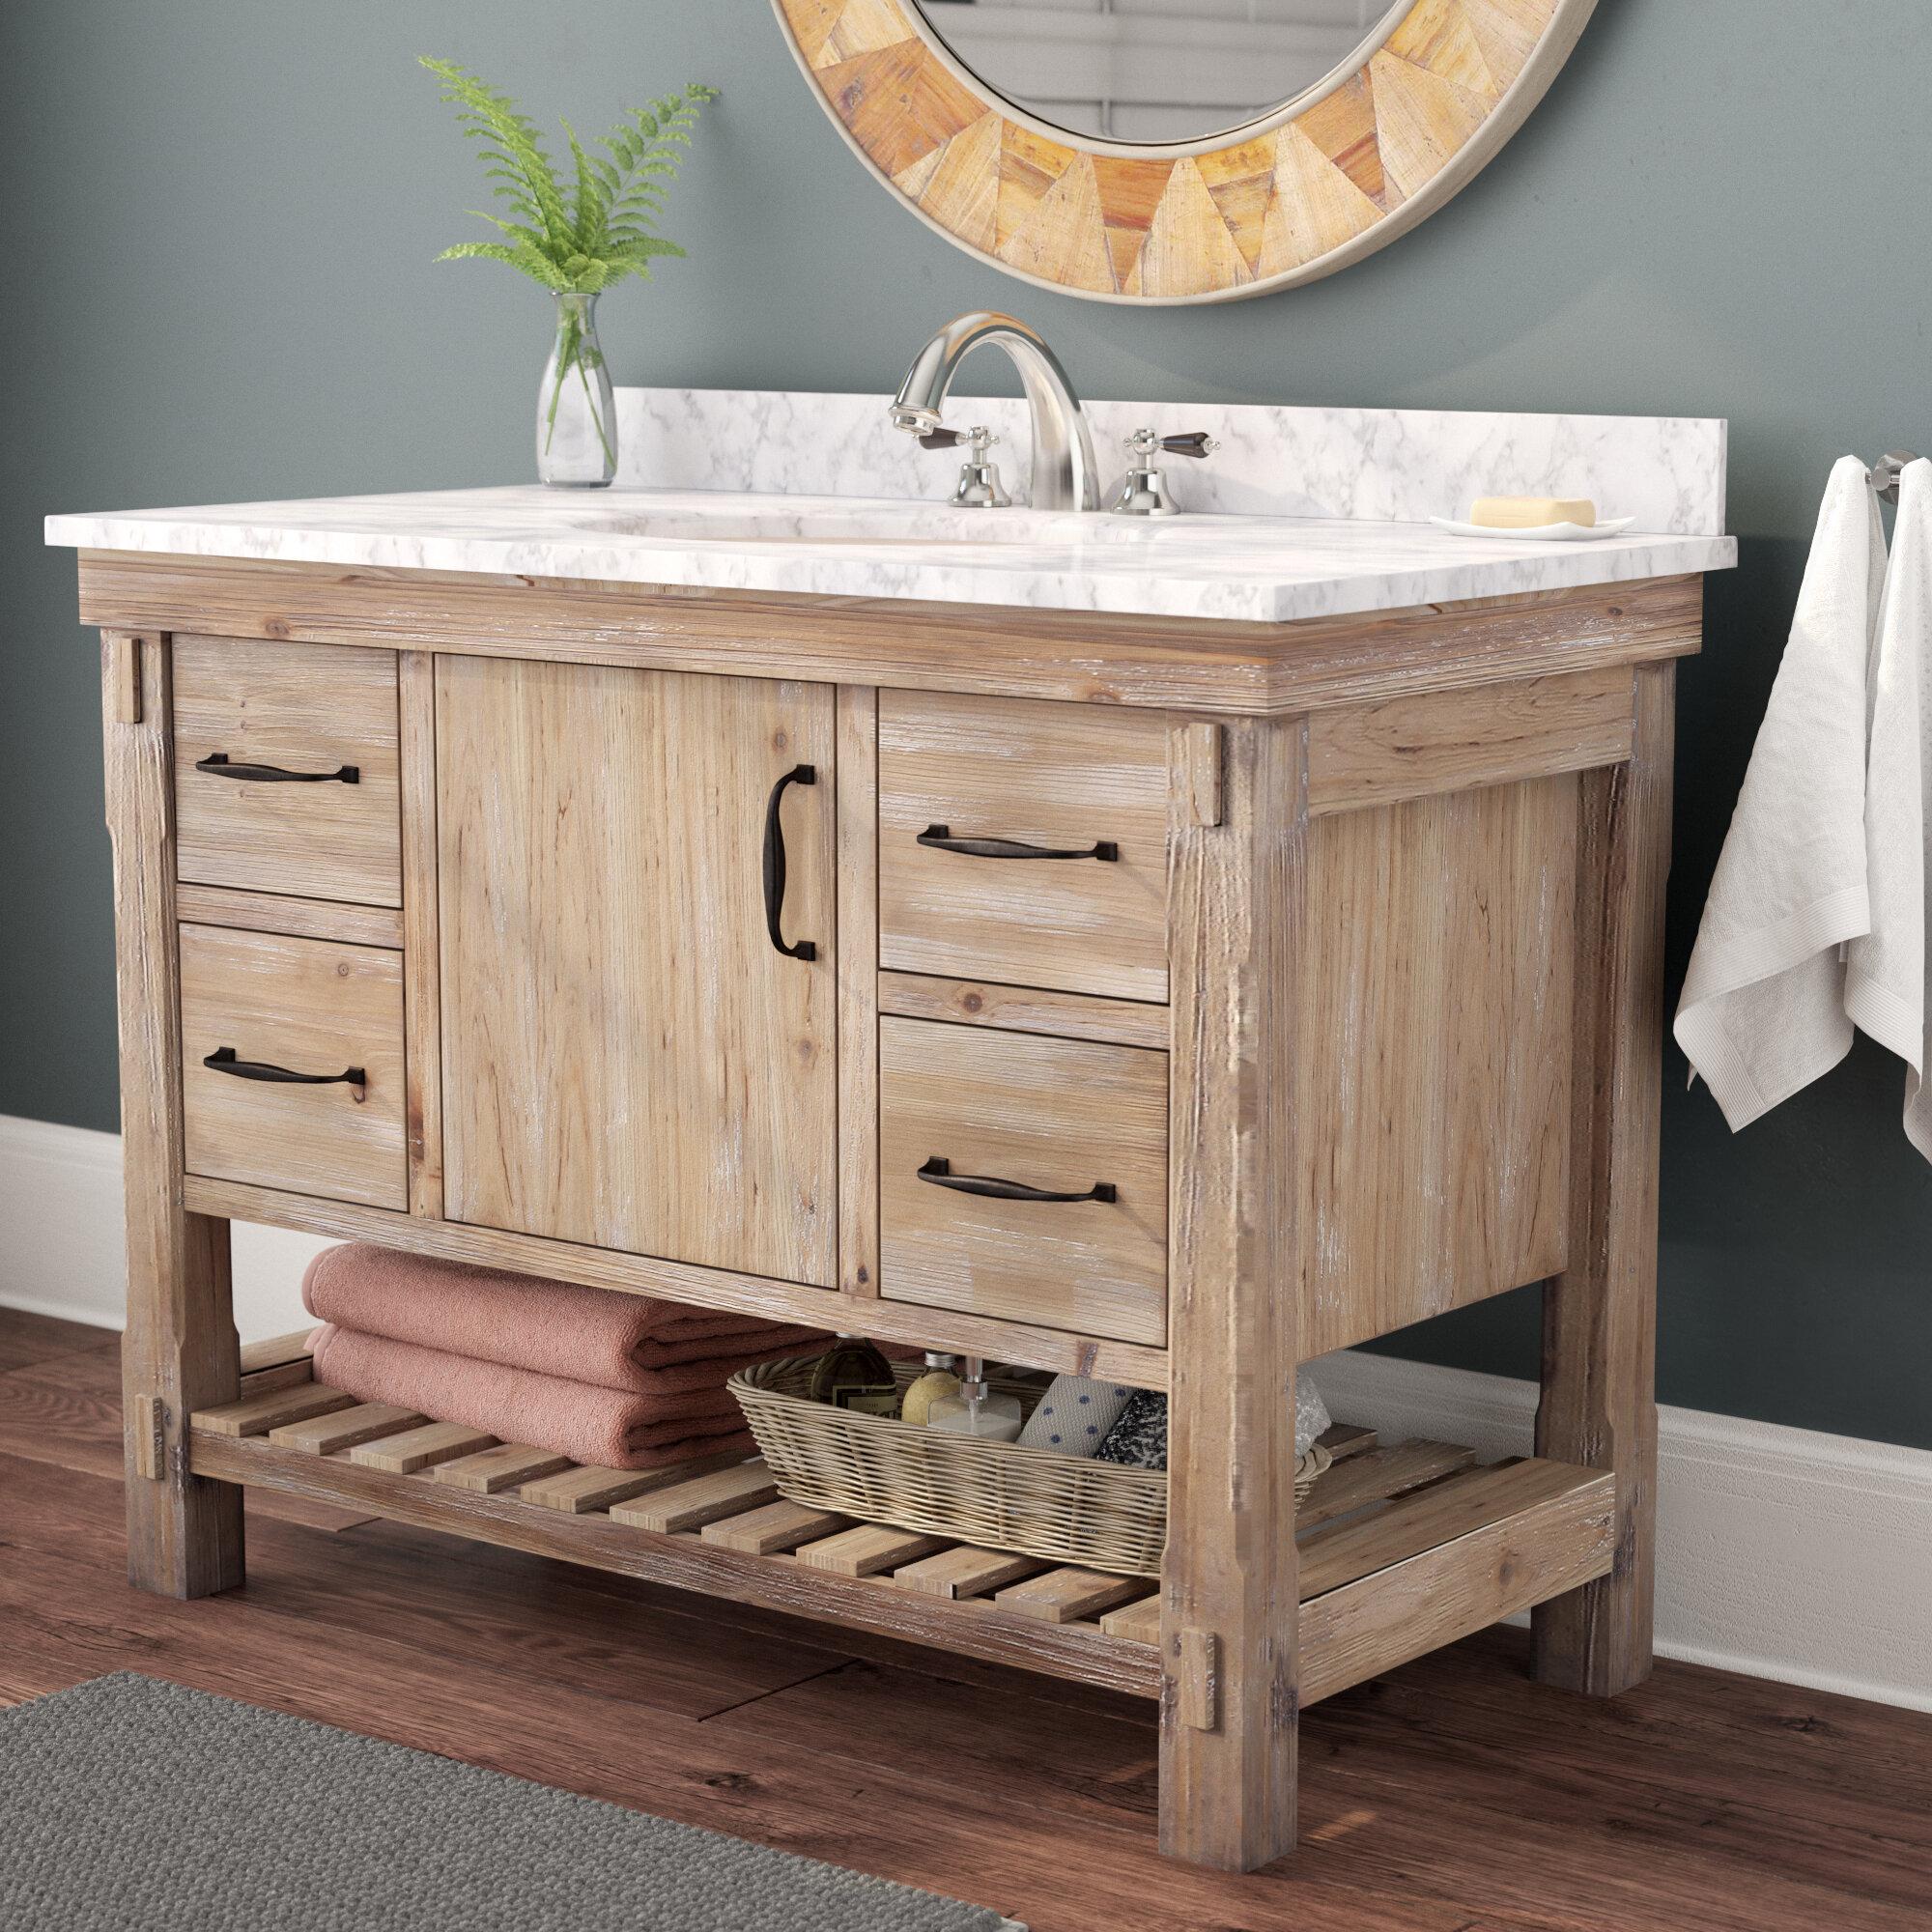 union rustic loftin 42 single bathroom vanity set wayfair. Black Bedroom Furniture Sets. Home Design Ideas